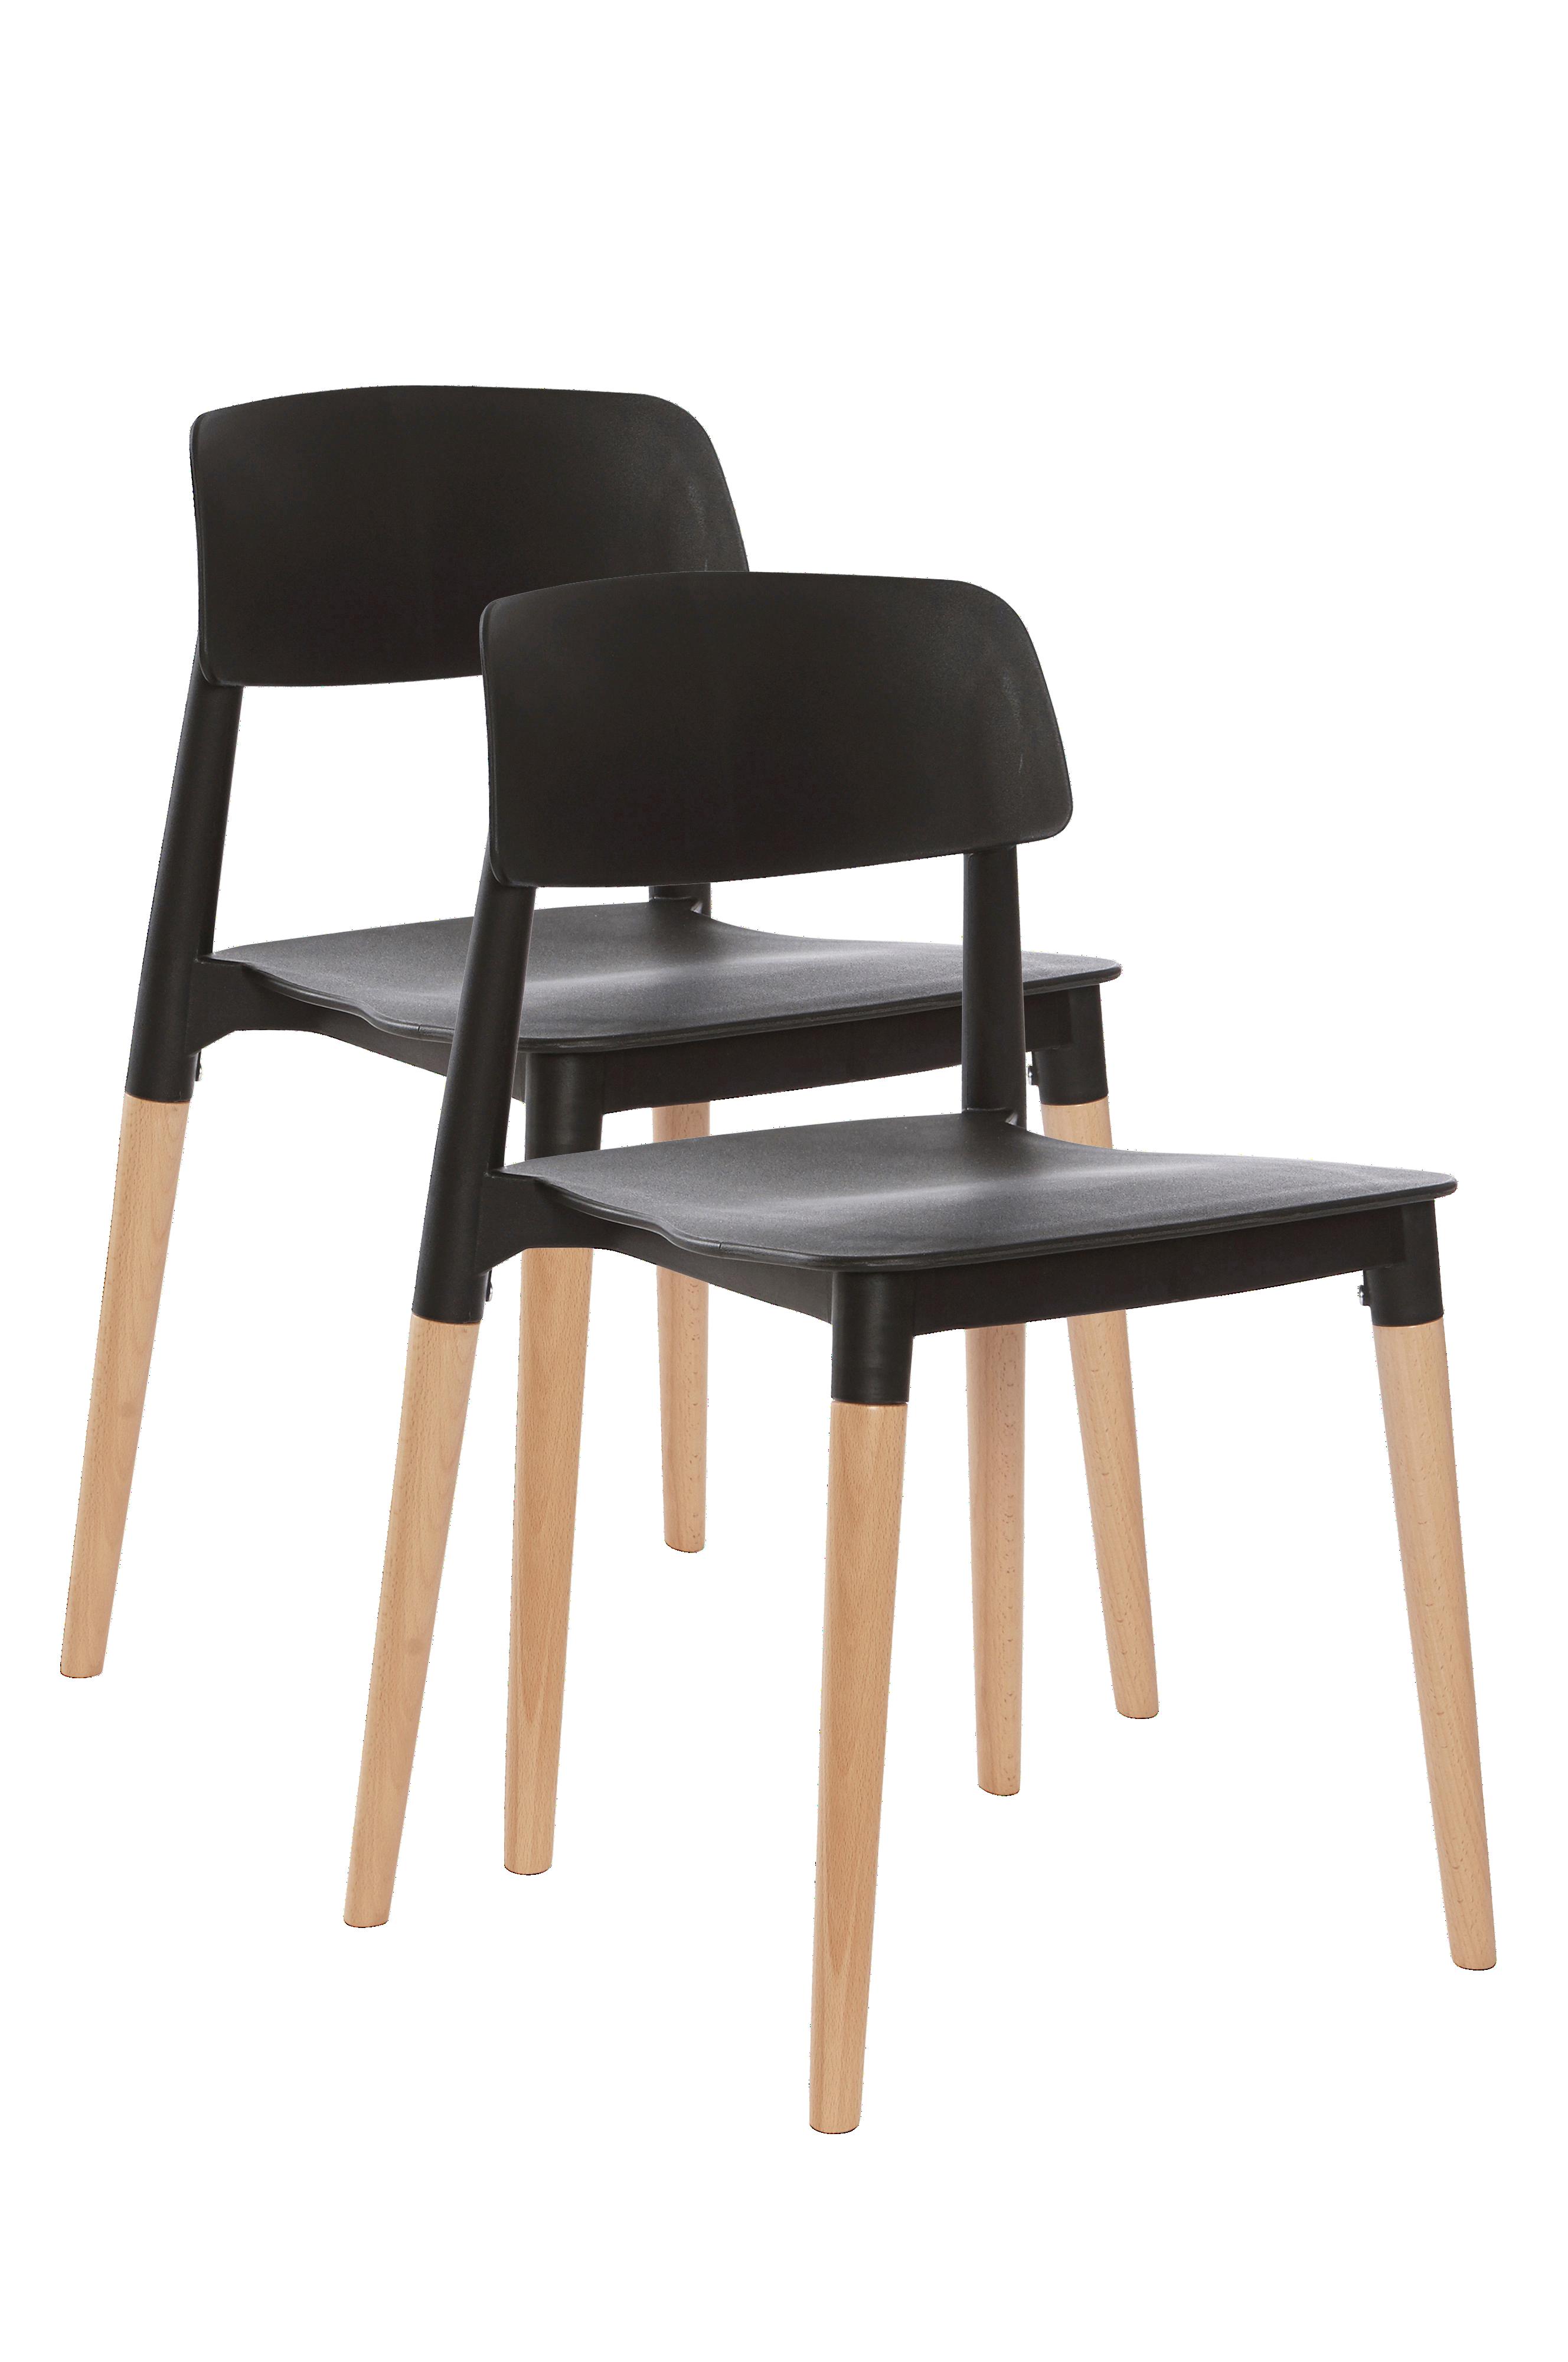 VÄBY stol 2 pk Svart Møbler Jotex